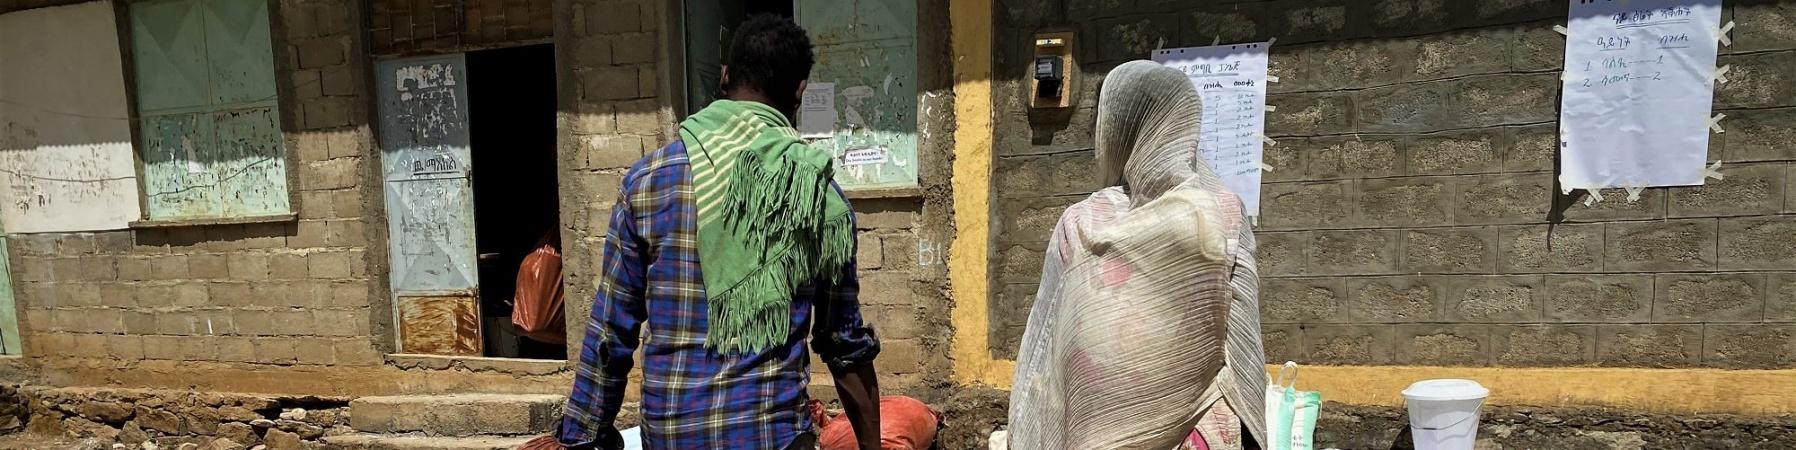 due persone di spalle che camminano verso una casa su un terreno sterrato portando con sè acqua e cibo